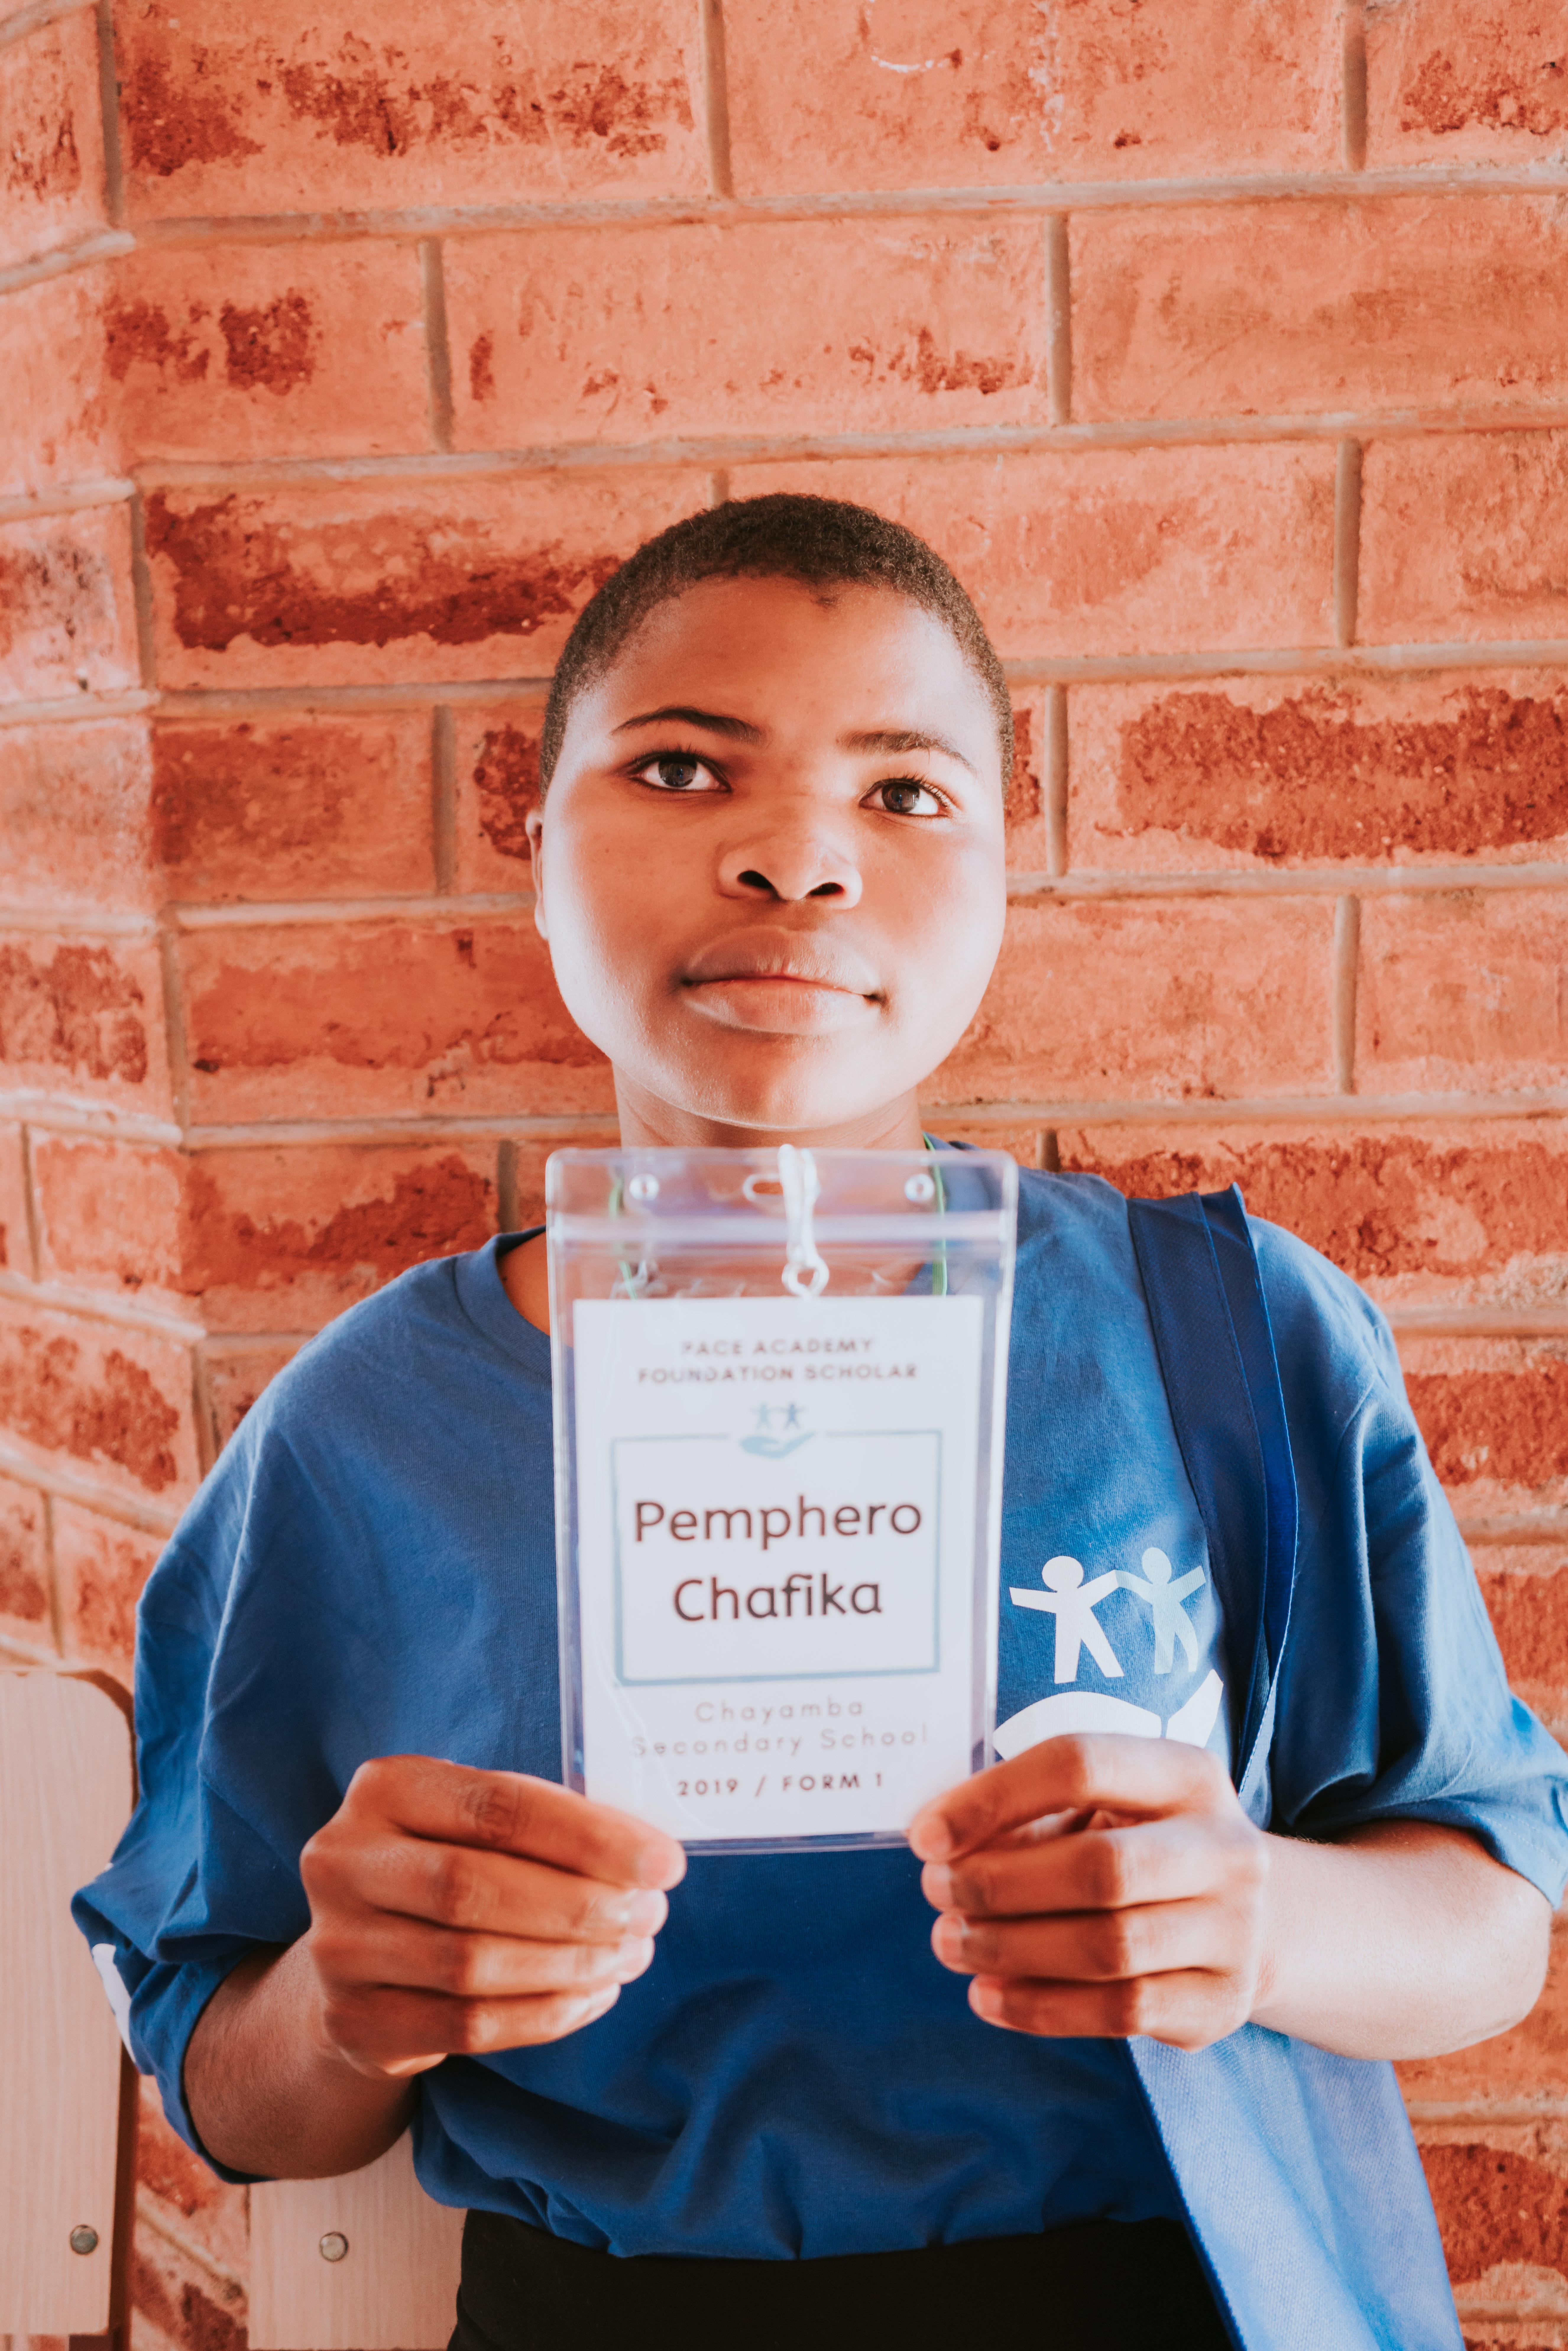 Pemphero Chafika (Chayamba Secondary Sch